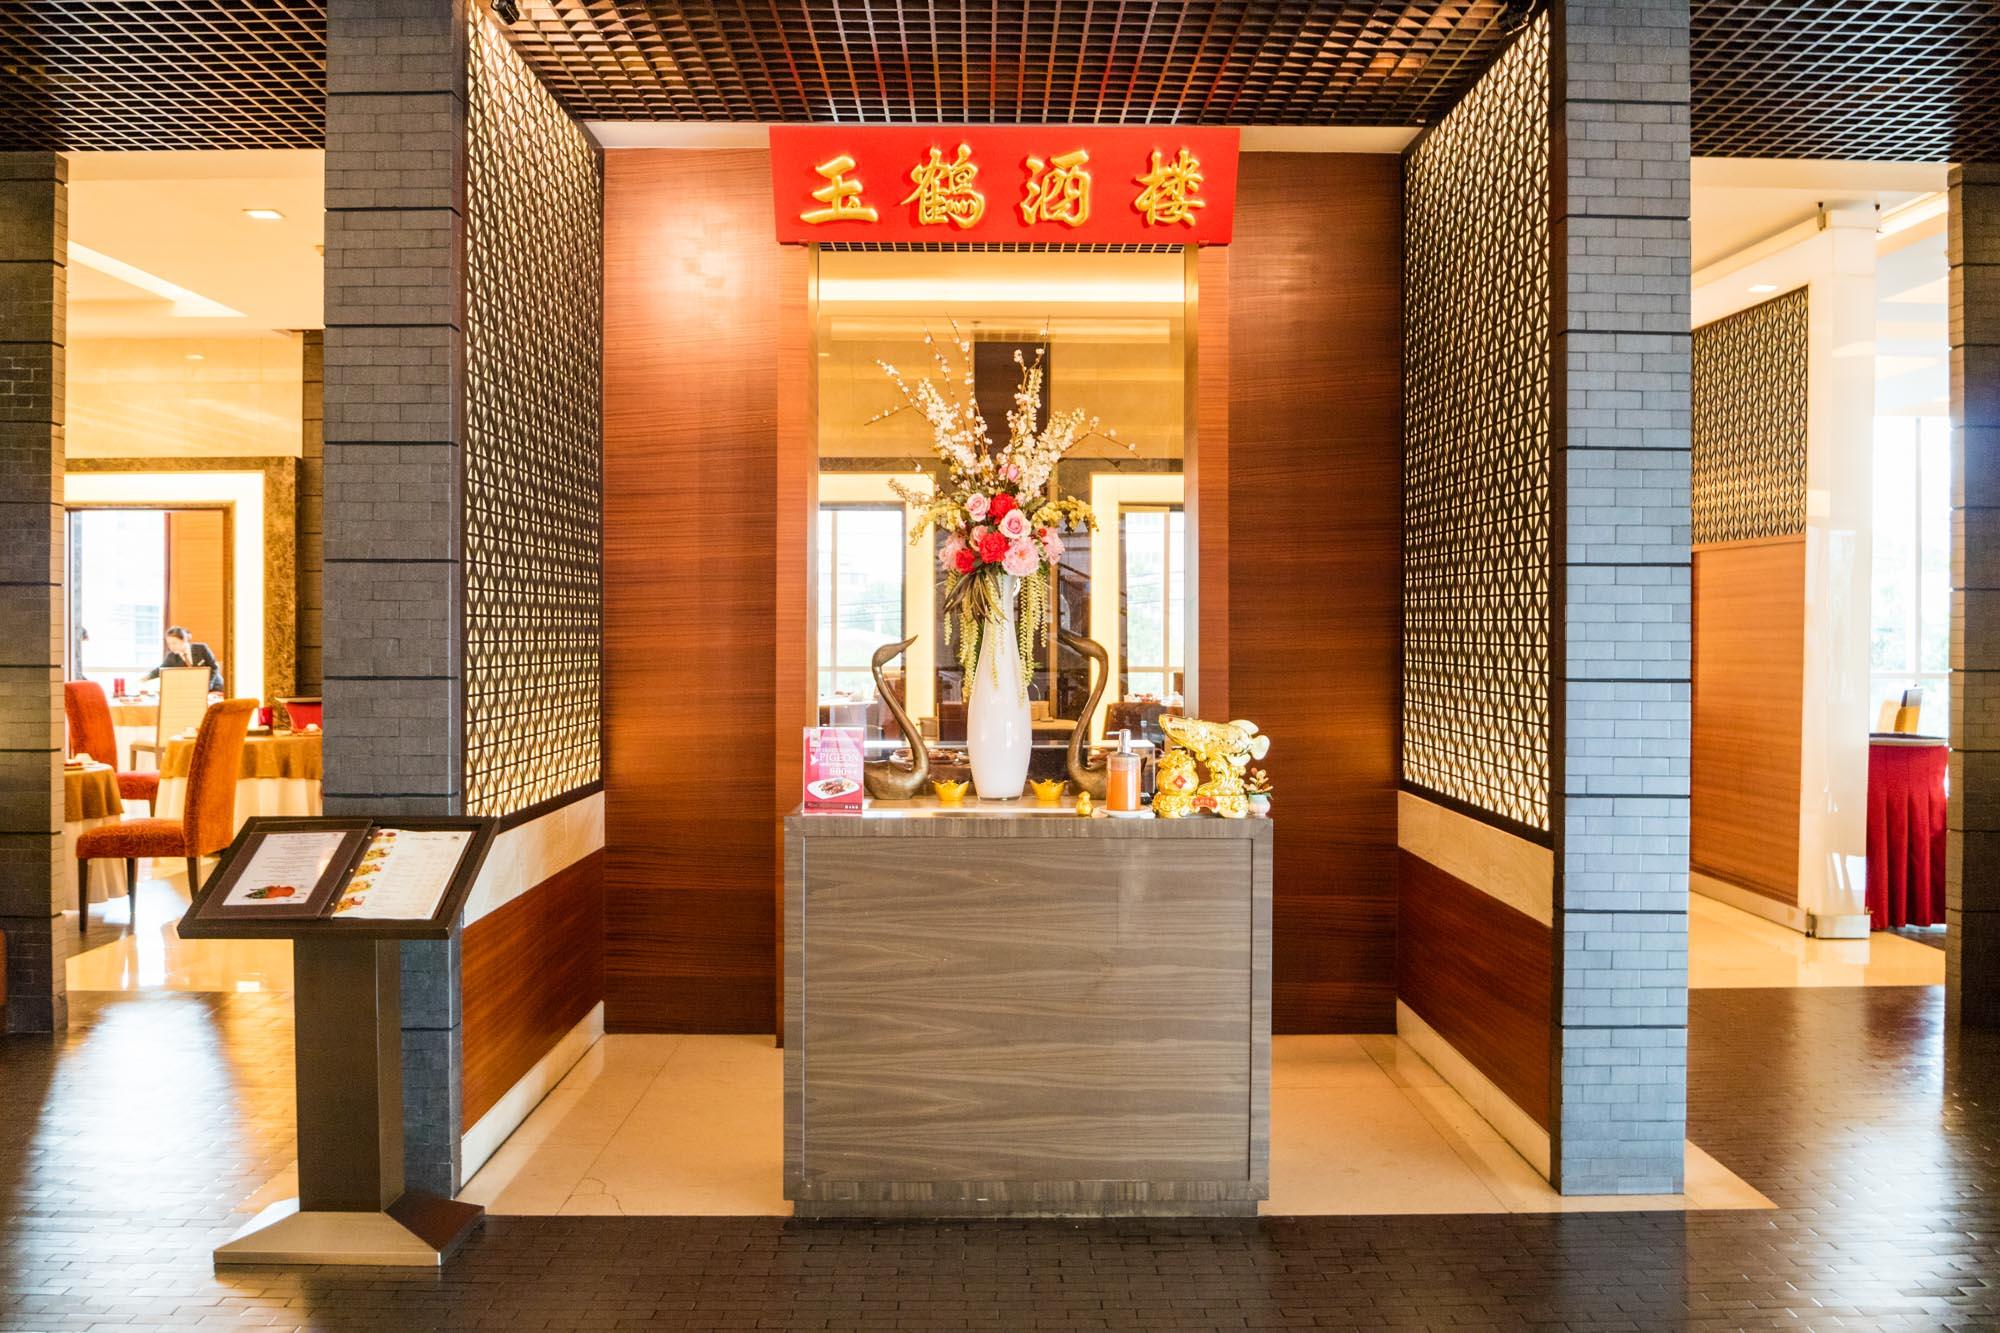 ห้องอาหารจีนหยู เห้อ สไตล์ฮ่องกง คุณภาพฮ่องเต้  ห้องอาหารจีนหยู เห้อ สไตล์ฮ่องกง คุณภาพฮ่องเต้ IMG 0028